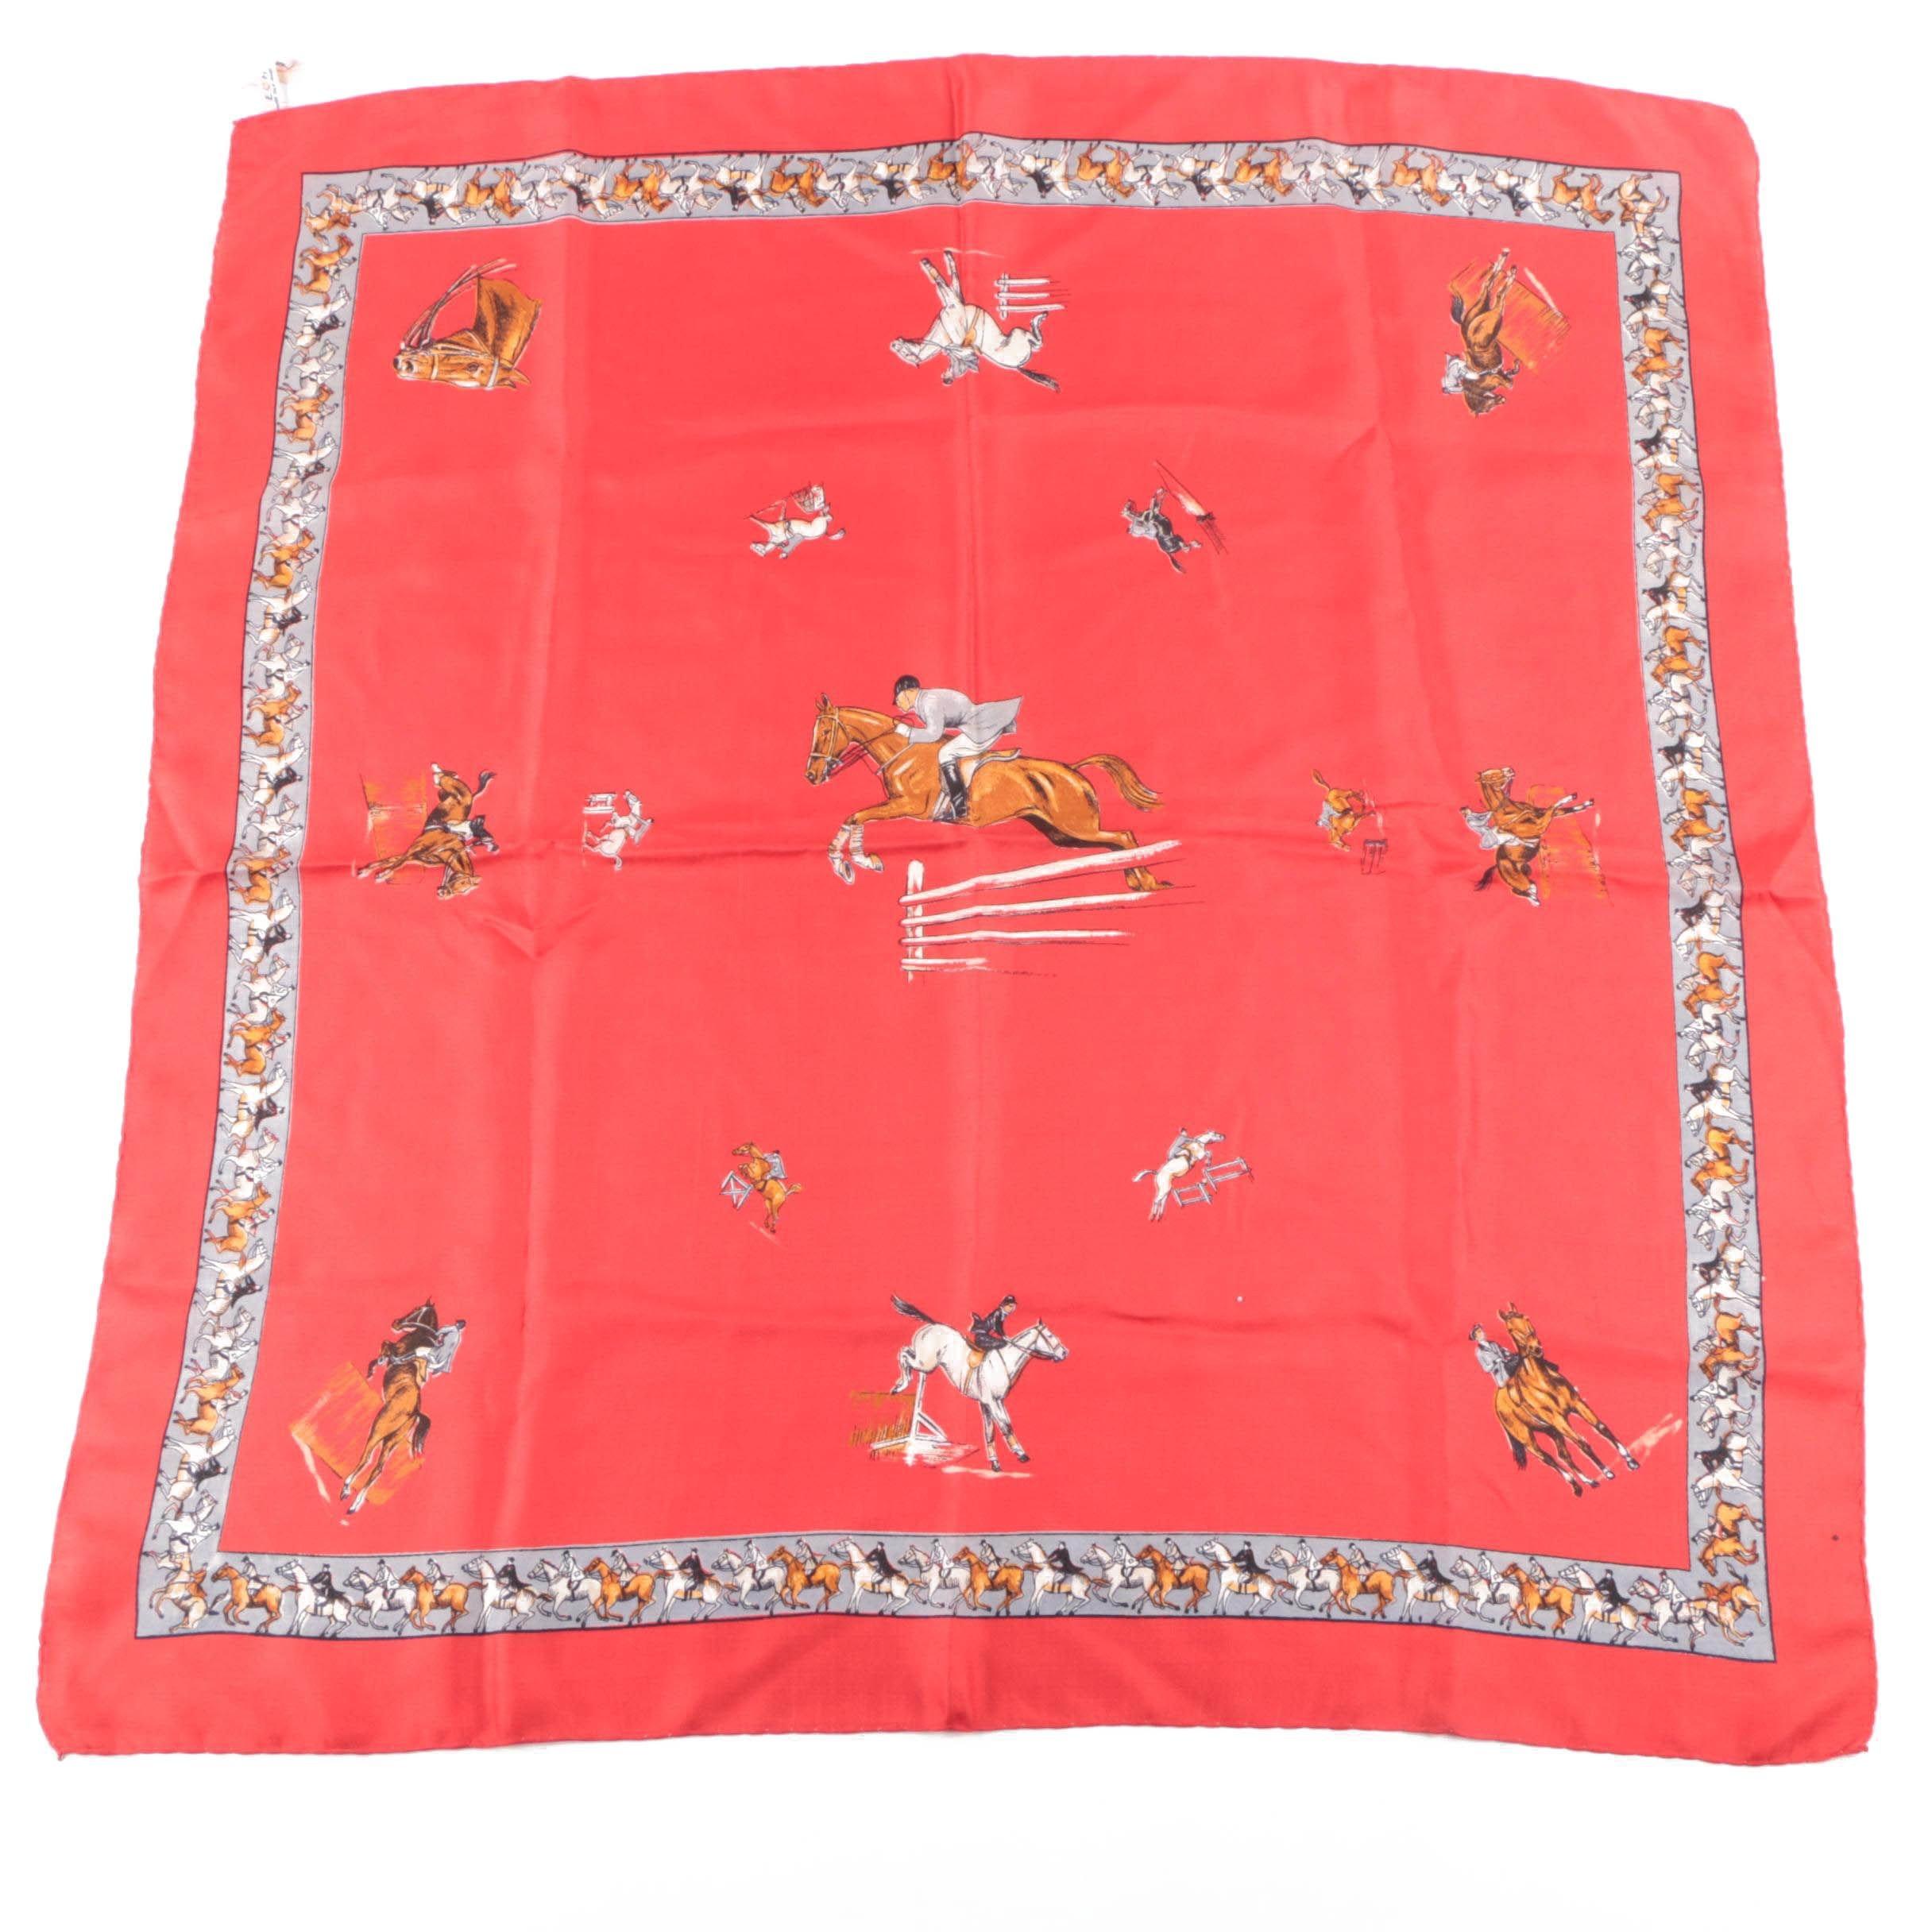 Vintage Echo Red Silk Fashion Scarf with Equestrian Print